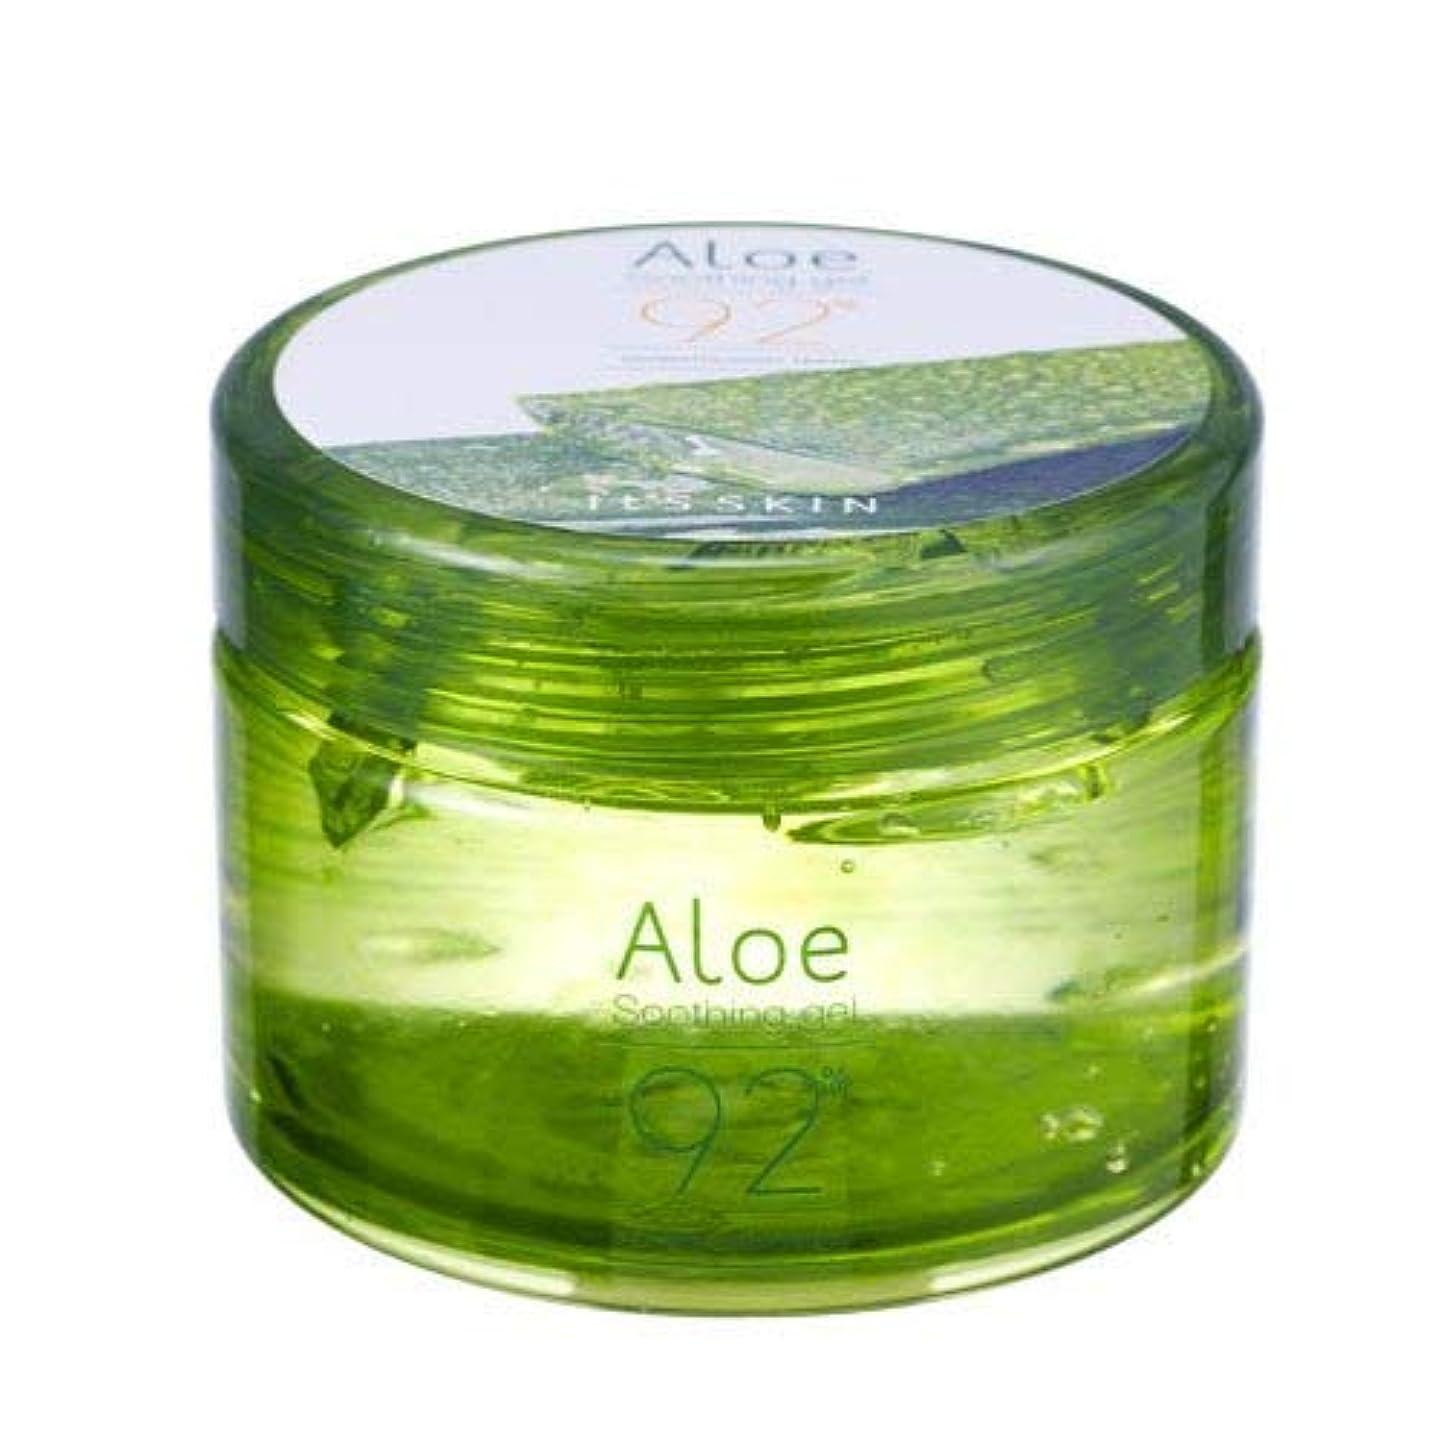 糸順番時々Its skin Aloe Soothing Gel 92% 200ml イッツスキン アロエ果肉スージングジェル92% 200ml [並行輸入品]